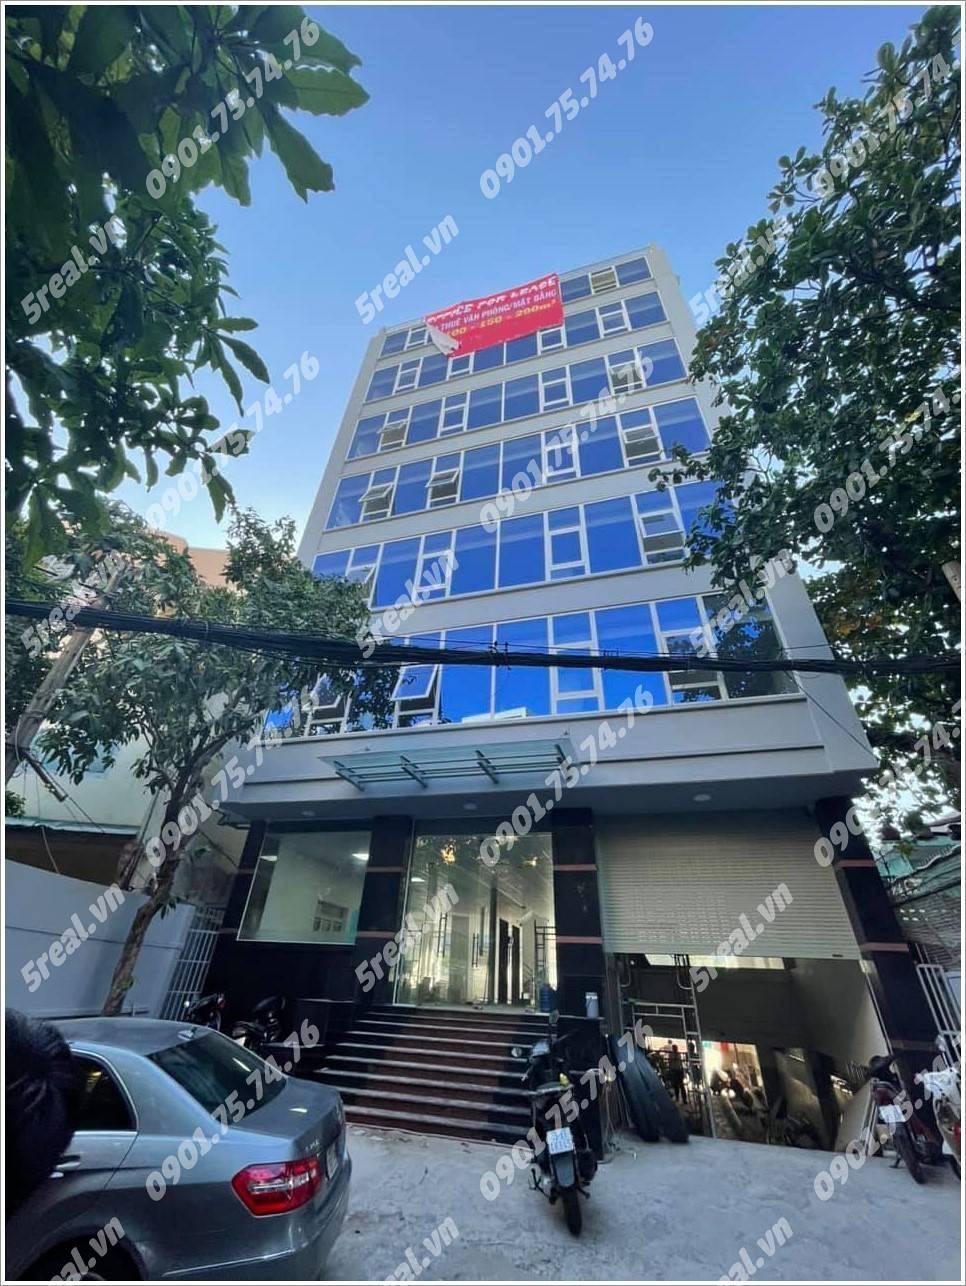 tsa-building-nguyen-dinh-chinh-quan-phu-nhuan-van-phong-cho-thue-tphcm-5real.vn-01